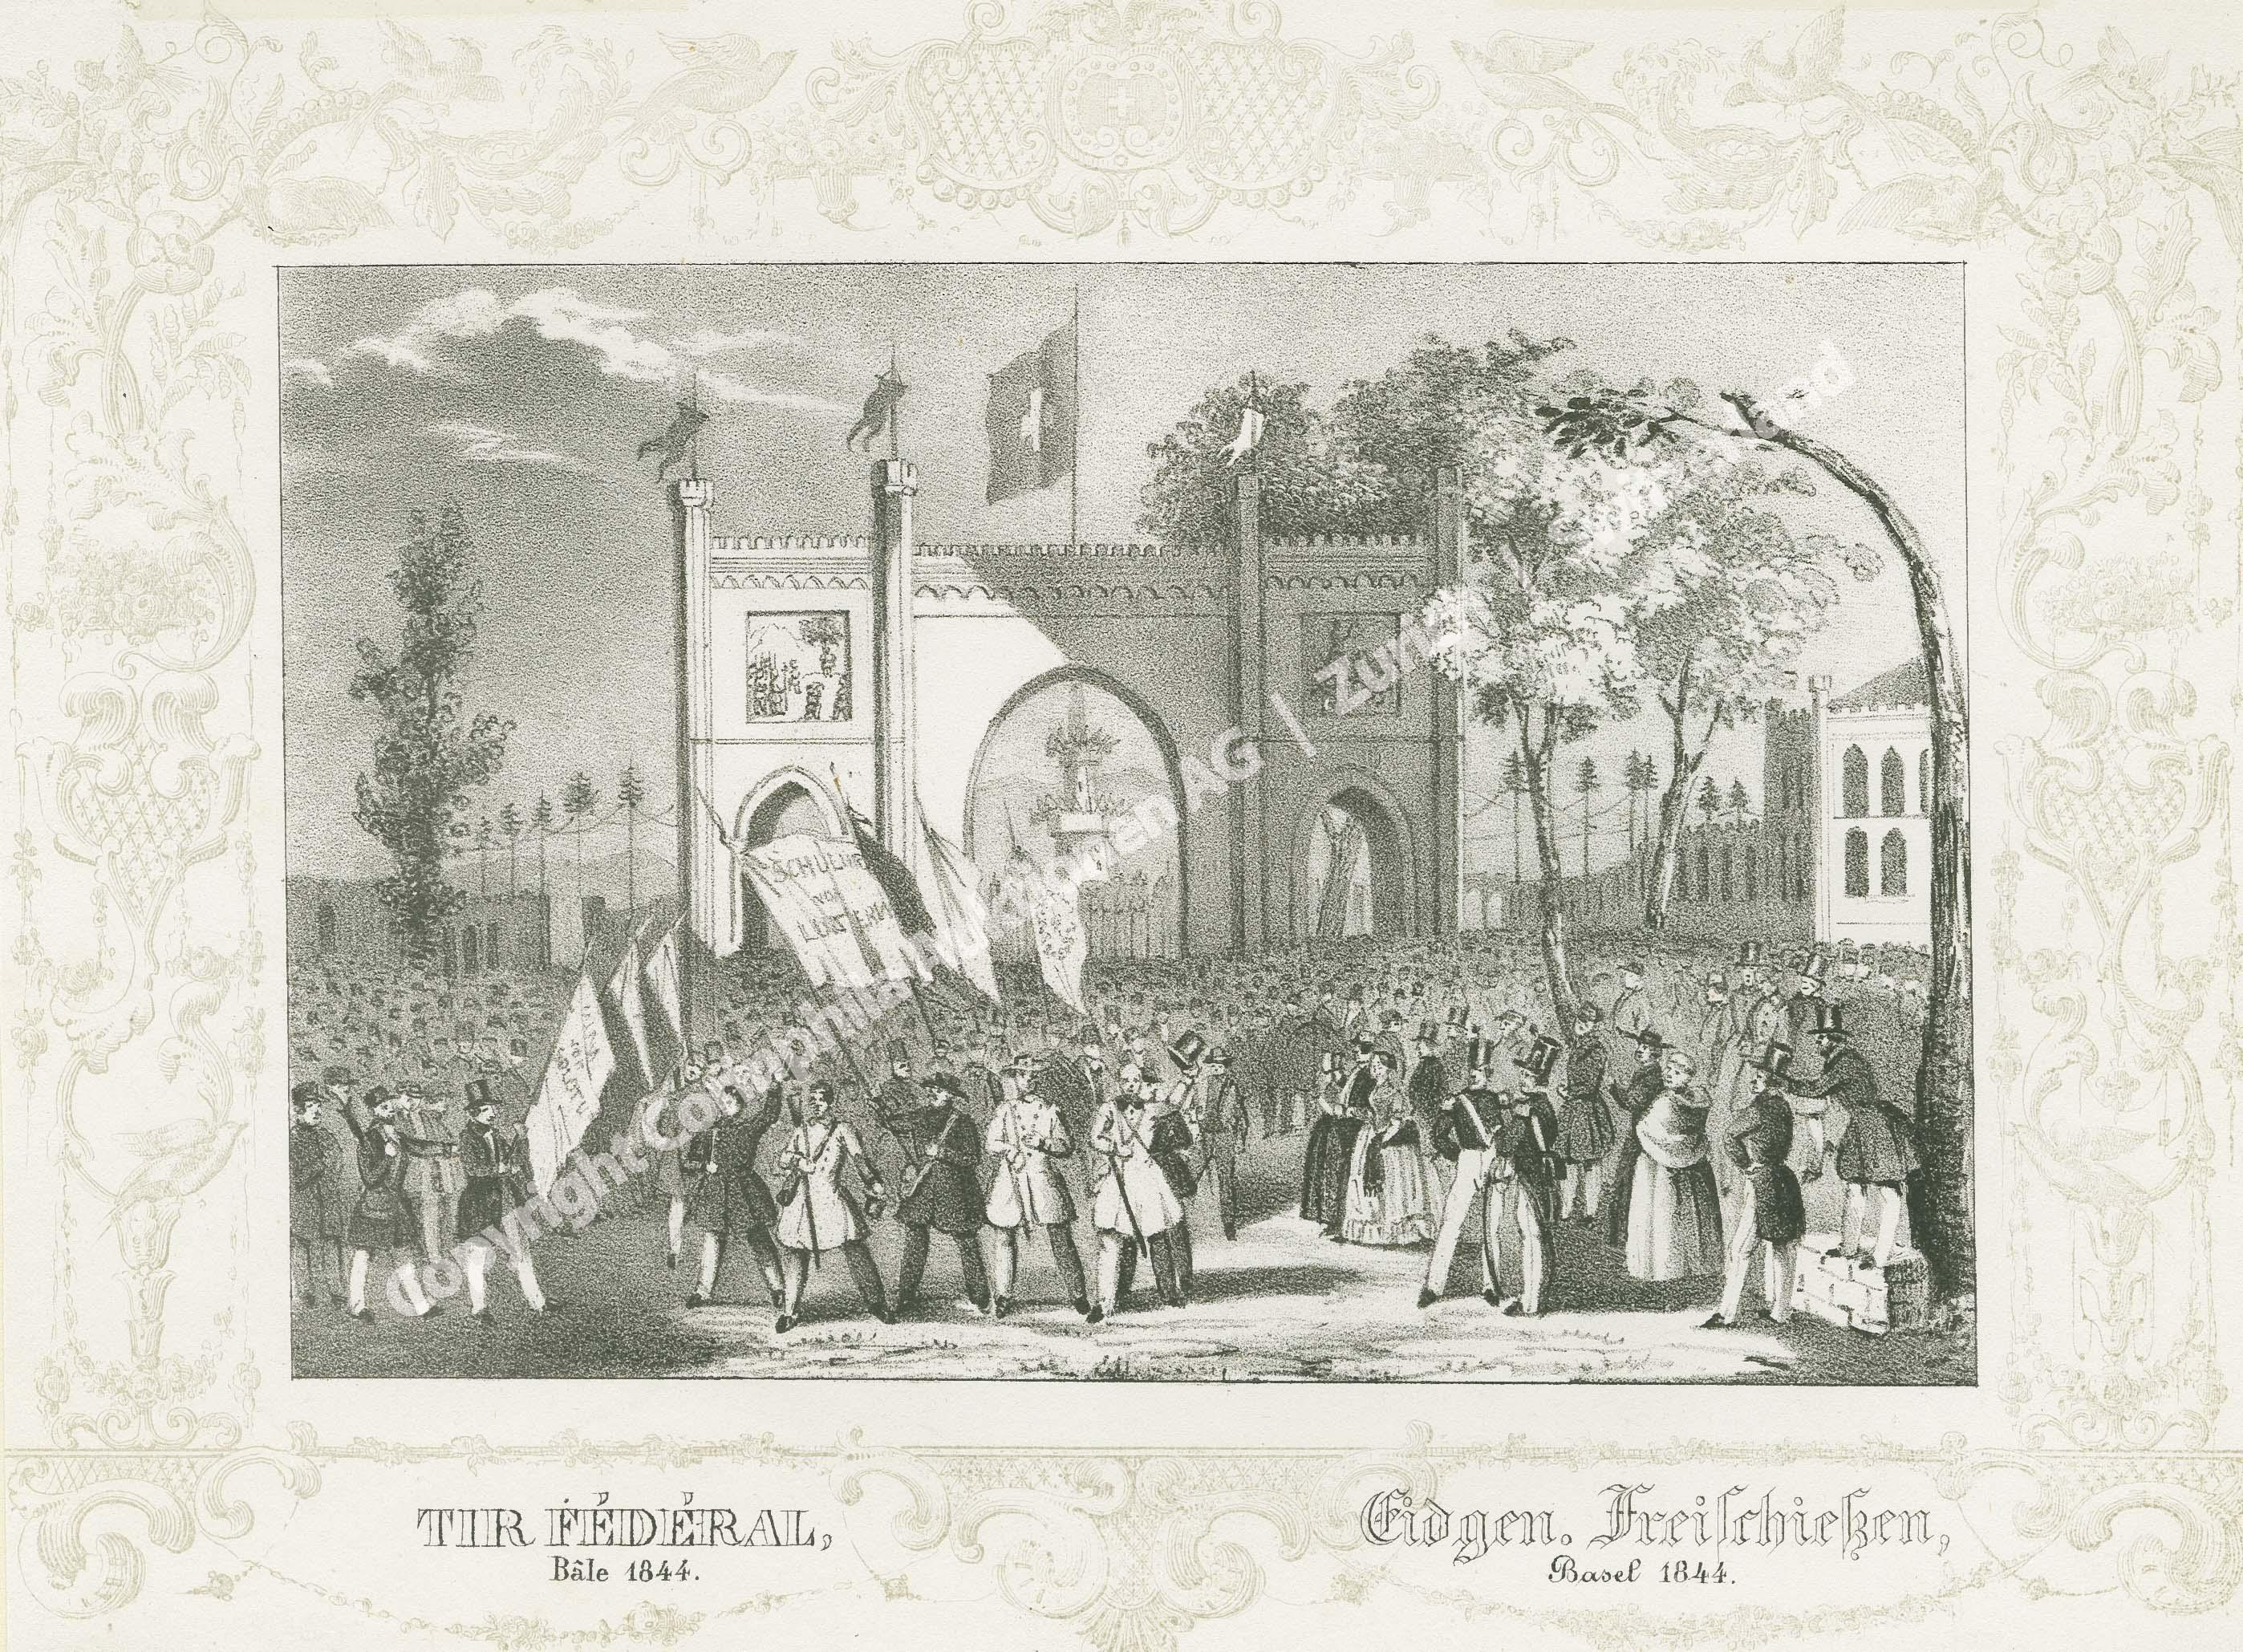 Basel, Schützenfest 1844